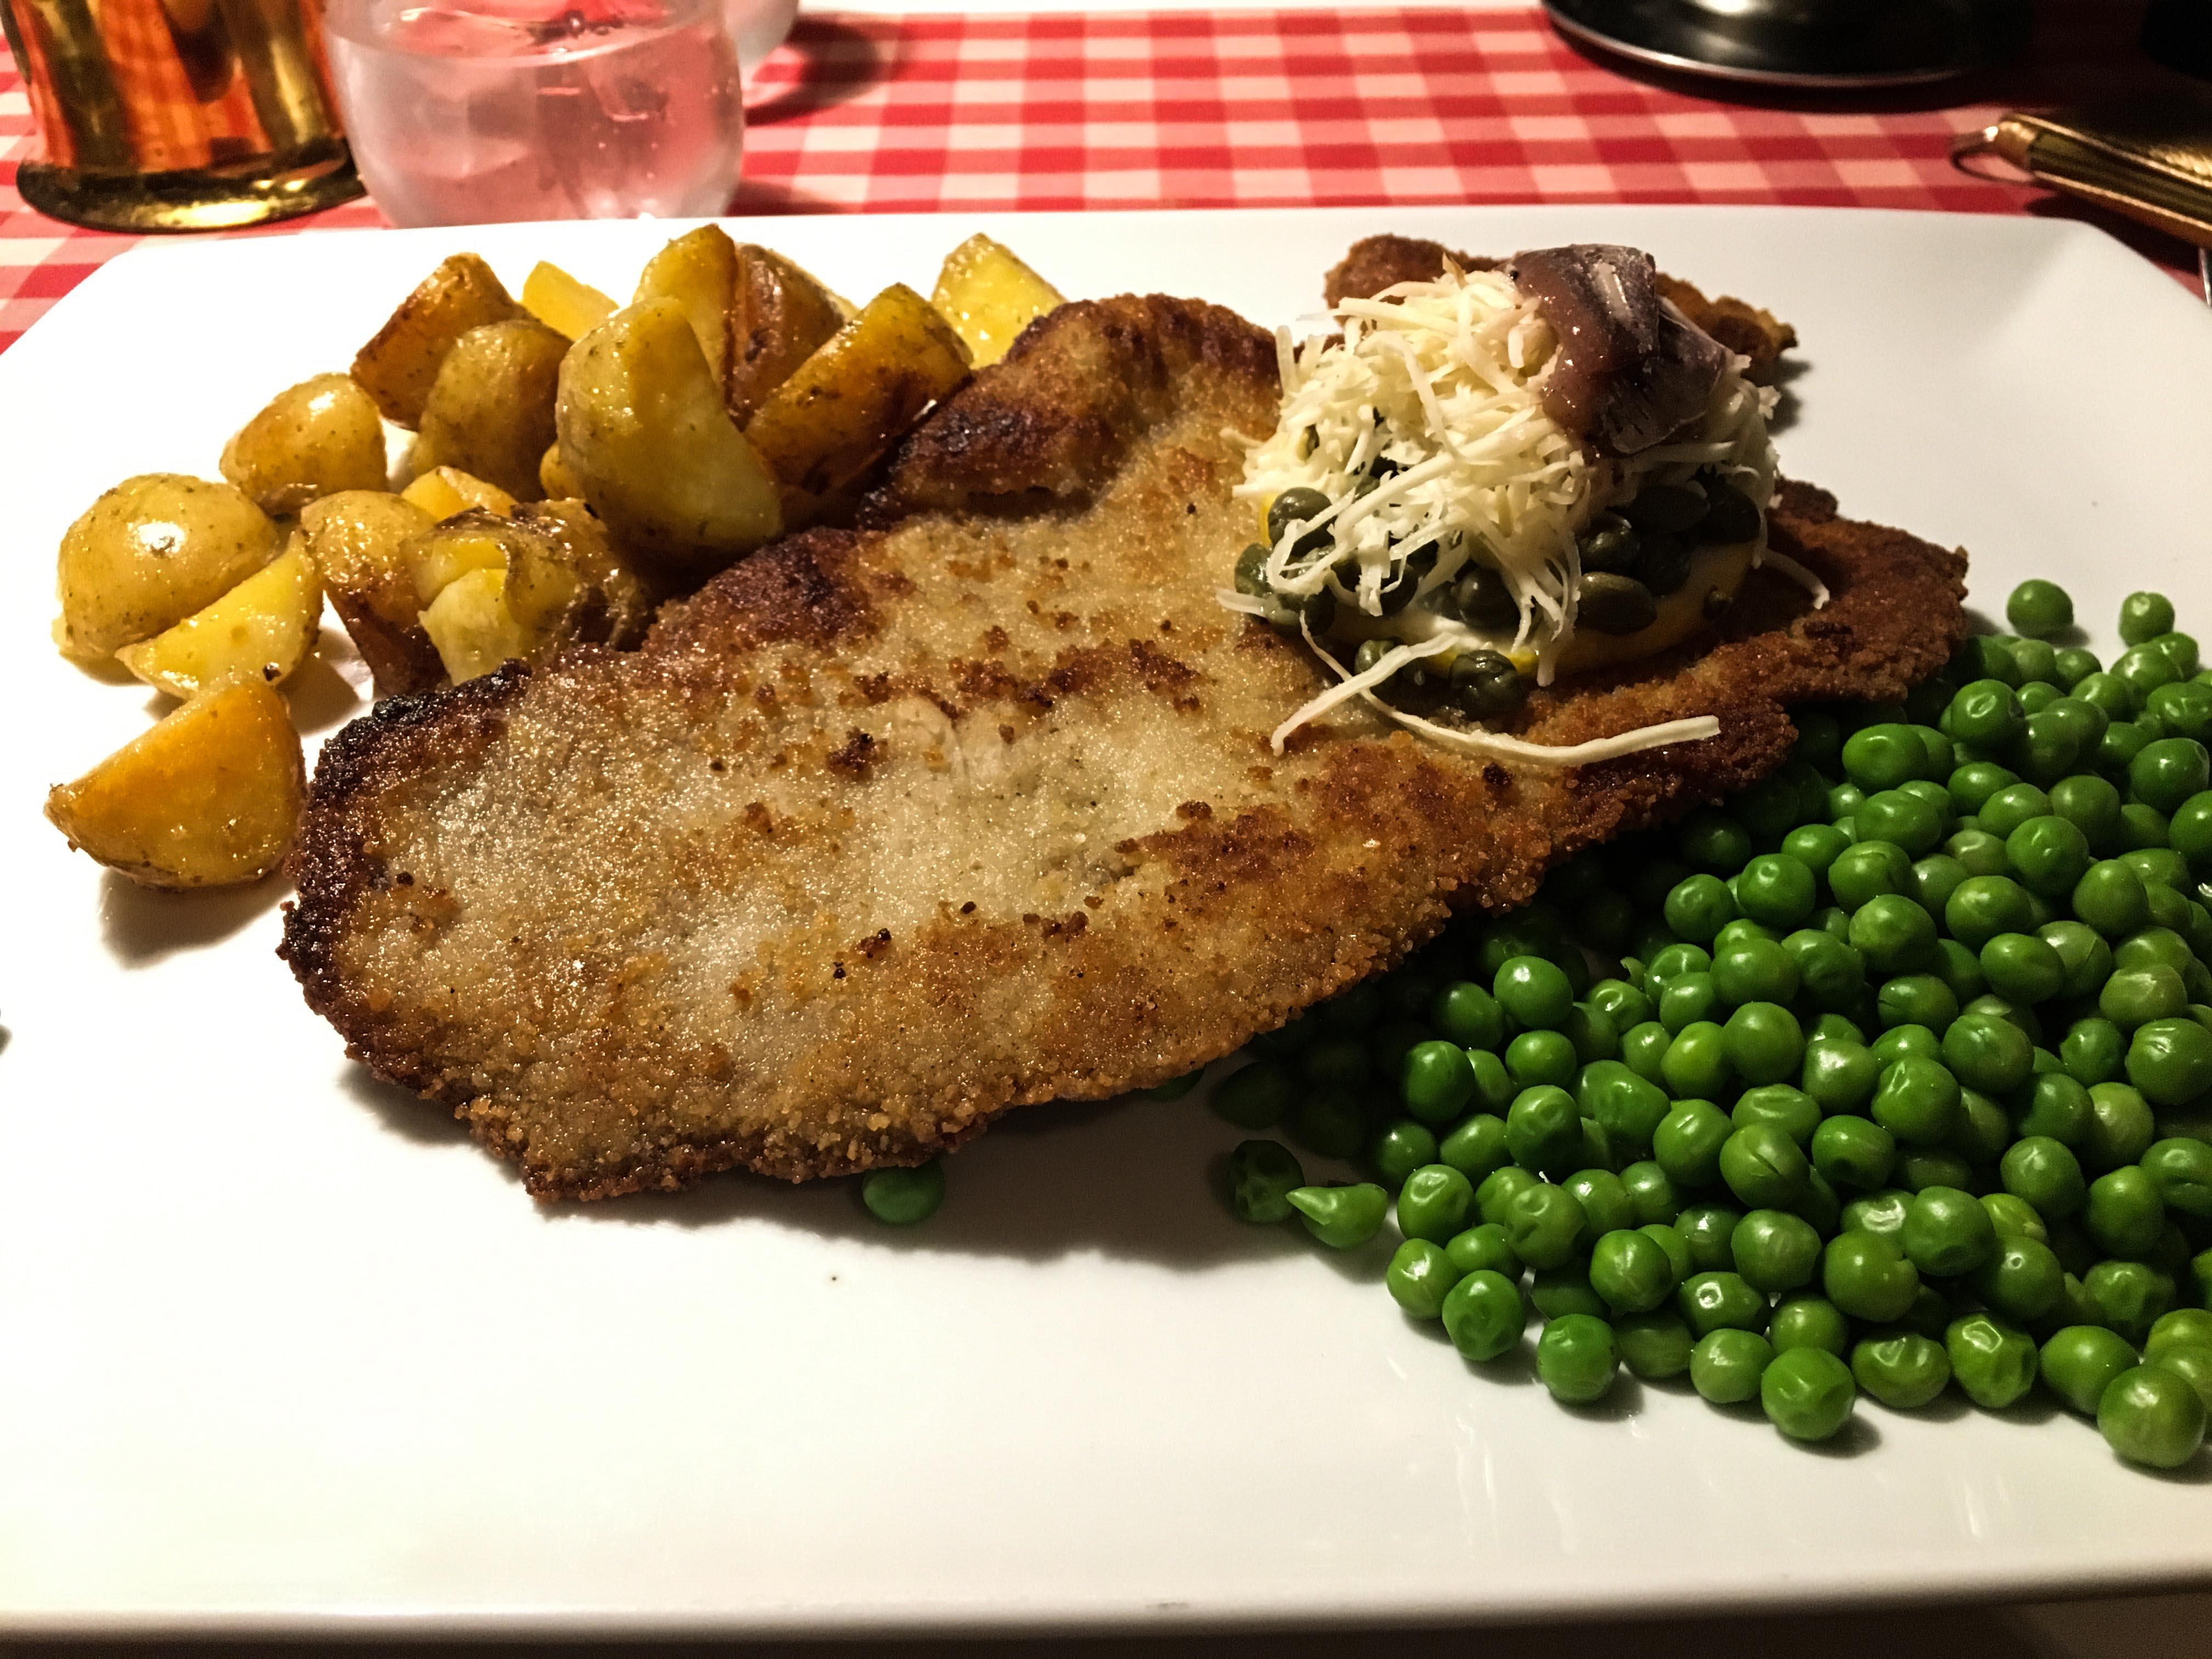 kopenhagen-foodguide-essen-tipps-empfehlung-food-copenhagen_4748